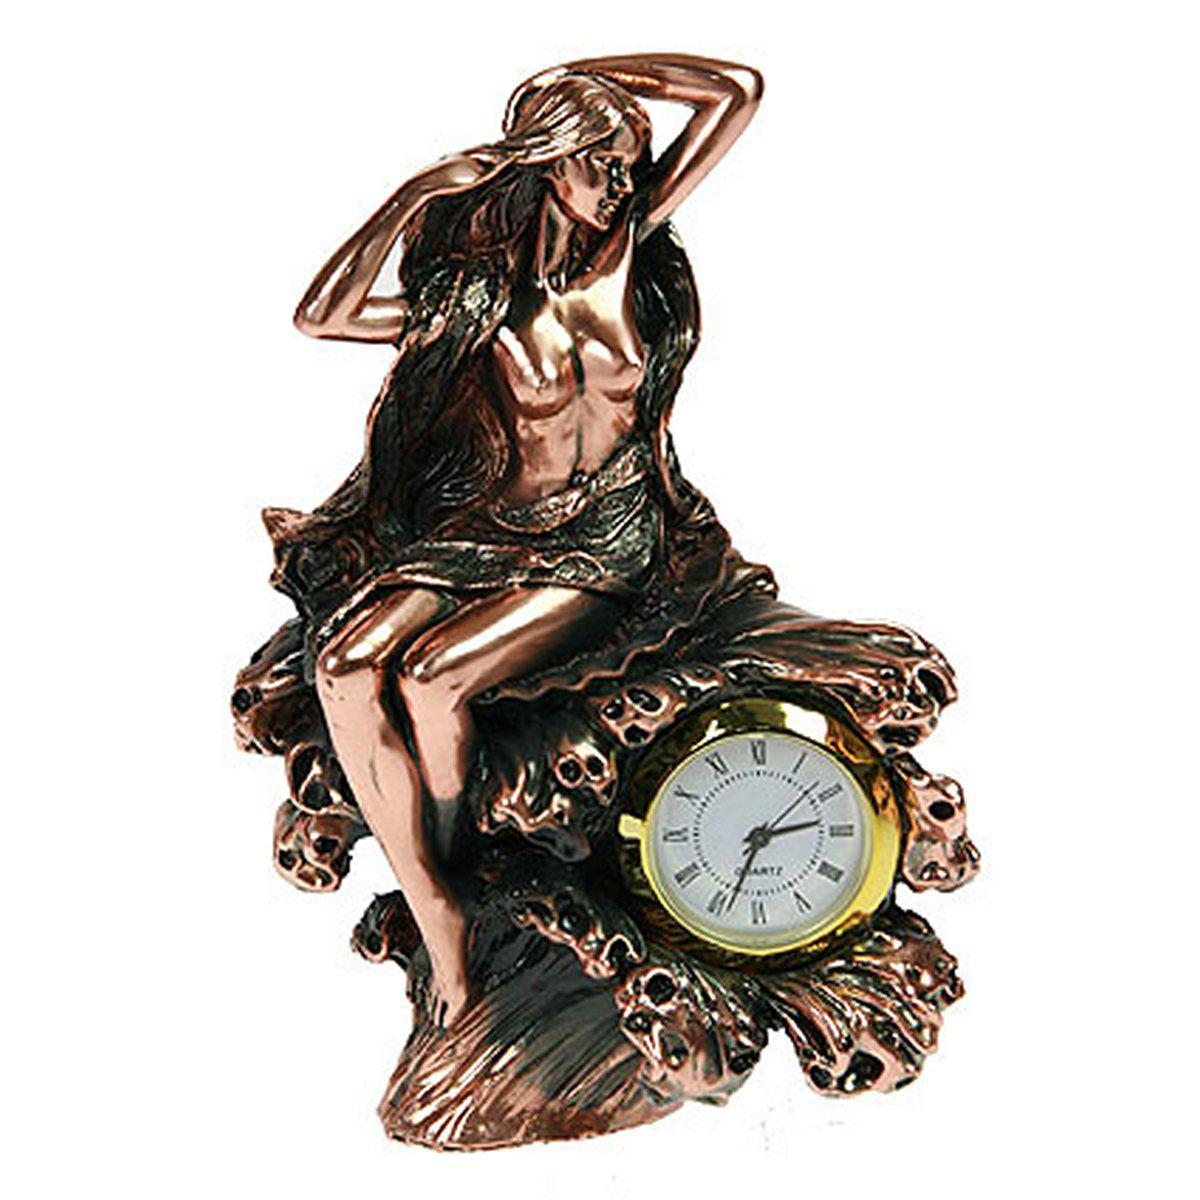 Часы настольные Русские Подарки Девушка. 127566127566Настольные кварцевые часы Русские Подарки Девушка изготовлены из полистоуна. Часы имеют три стрелки - часовую, минутную и секундную. Изящные часы красиво и оригинально оформят интерьер дома или рабочий стол в офисе. Также часы могут стать уникальным, полезным подарком для родственников, коллег, знакомых и близких. Часы работают от батареек типа АА (в комплект не входят).